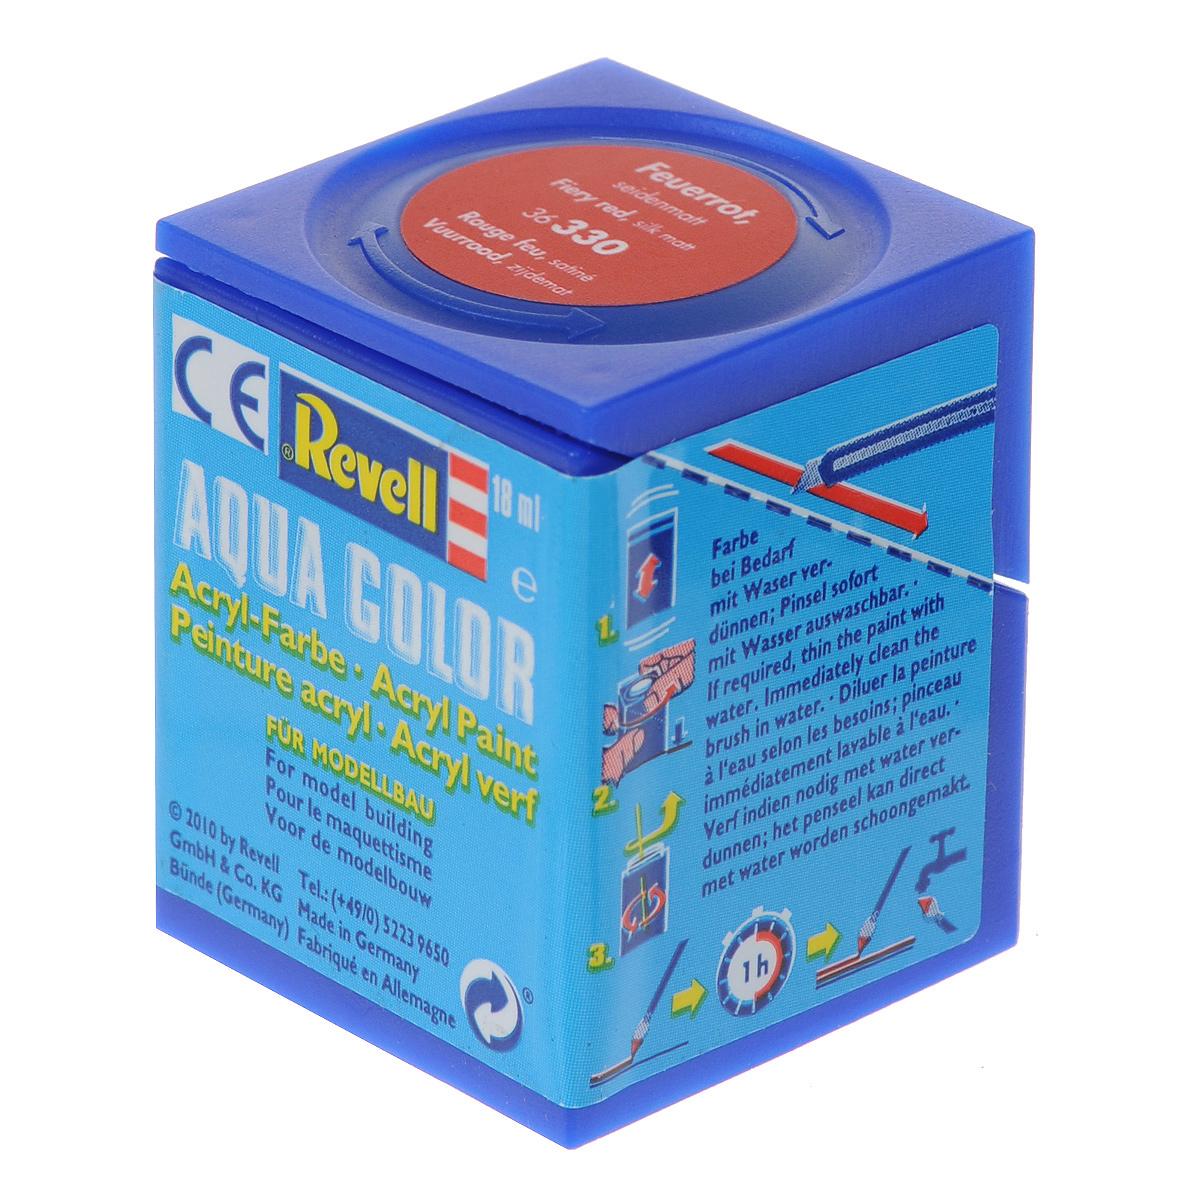 Revell Аква-краска шелково-матовая цвет огненно-красный 18 мл36330Краски для моделей Revell - это высококачественный материал для покраски ваших моделей. Данная краска служит для окрашивания пластиковых поверхностей сборных моделей Revell. В баночке содержится 18 мл краски с шелково-матовым эффектом. В случае необходимости различные оттенки эмали могут быть смешаны друг с другом, для разбавления используется Revell Color Mix.